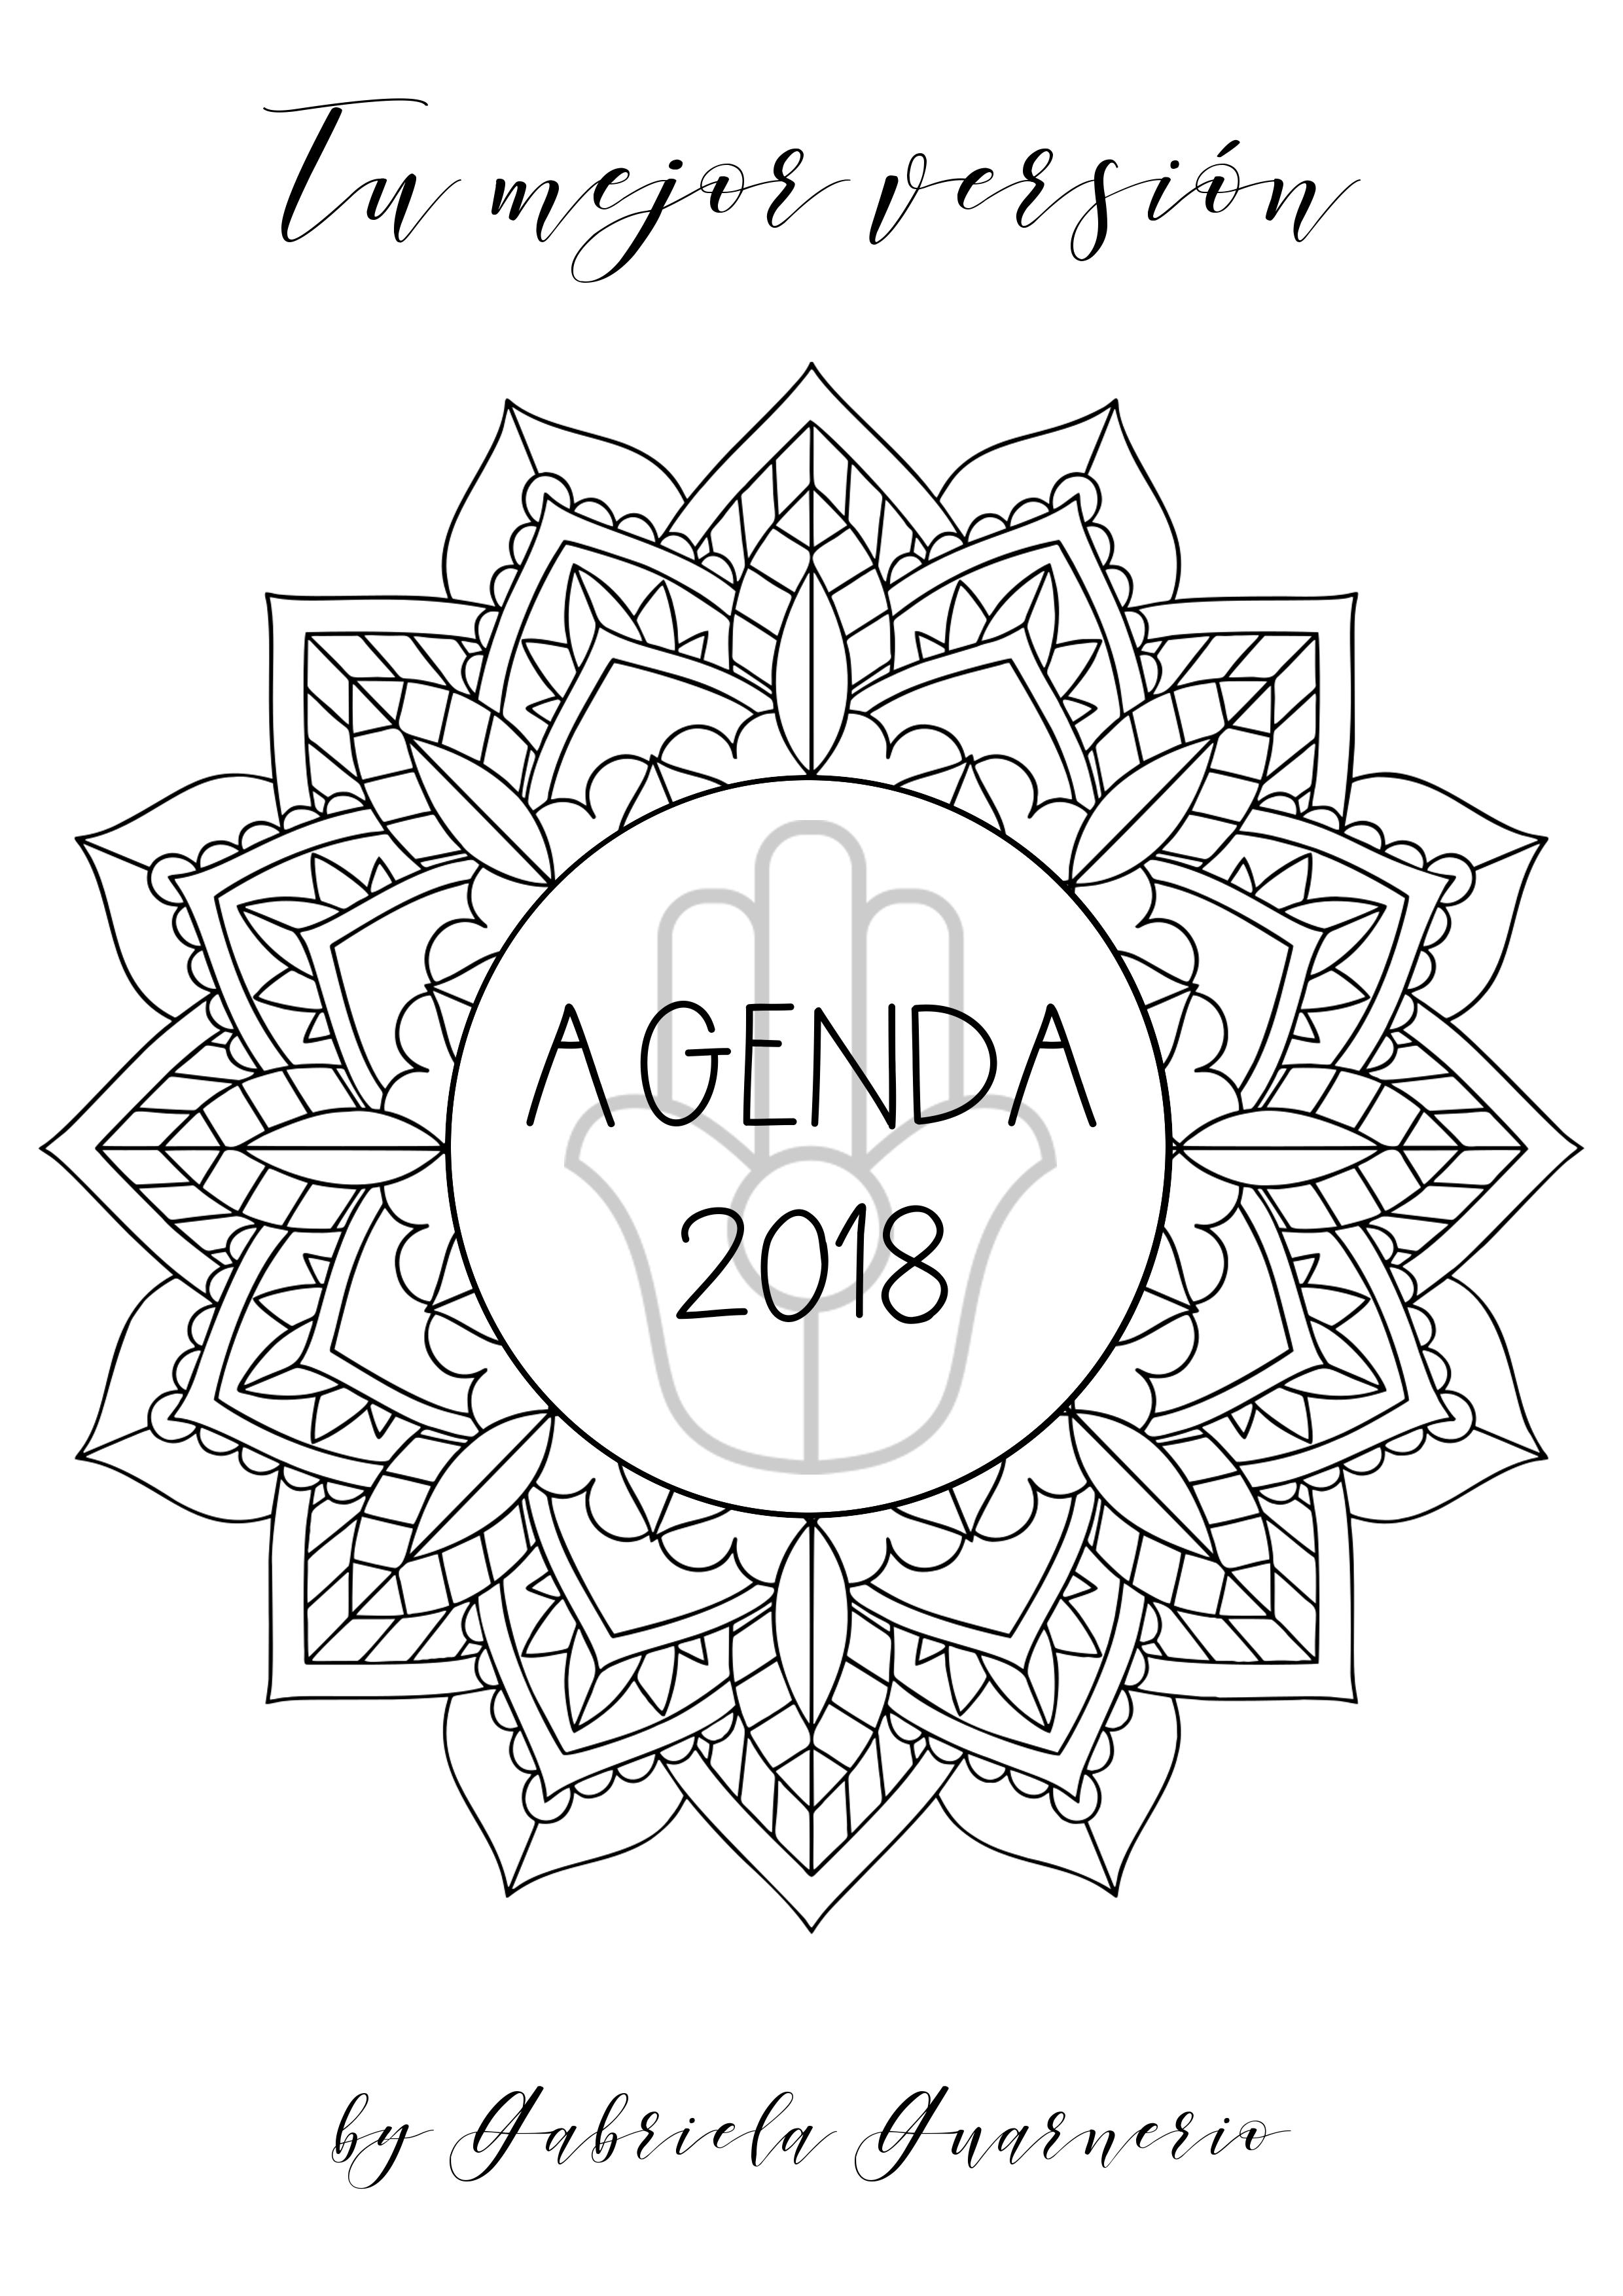 ULTIMOS DIAS Agenda 2018 gratis con mandalas para colorear y ...